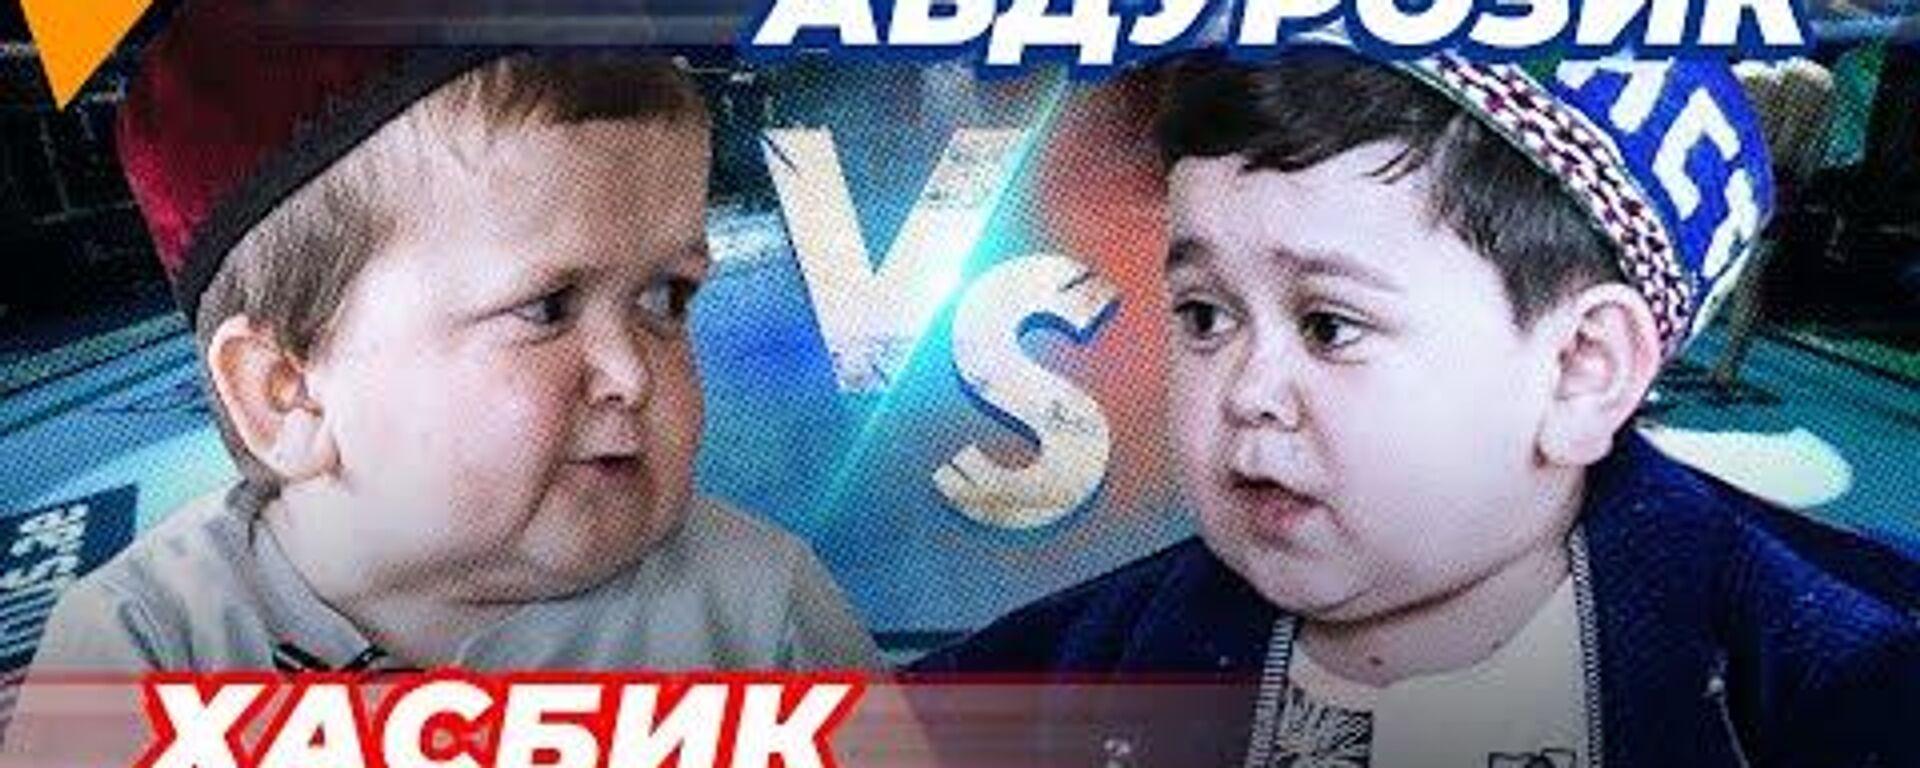 Главный бой года поп-ММА: кто такие Хасбик и Абдурозик? - Sputnik Узбекистан, 1920, 20.05.2021